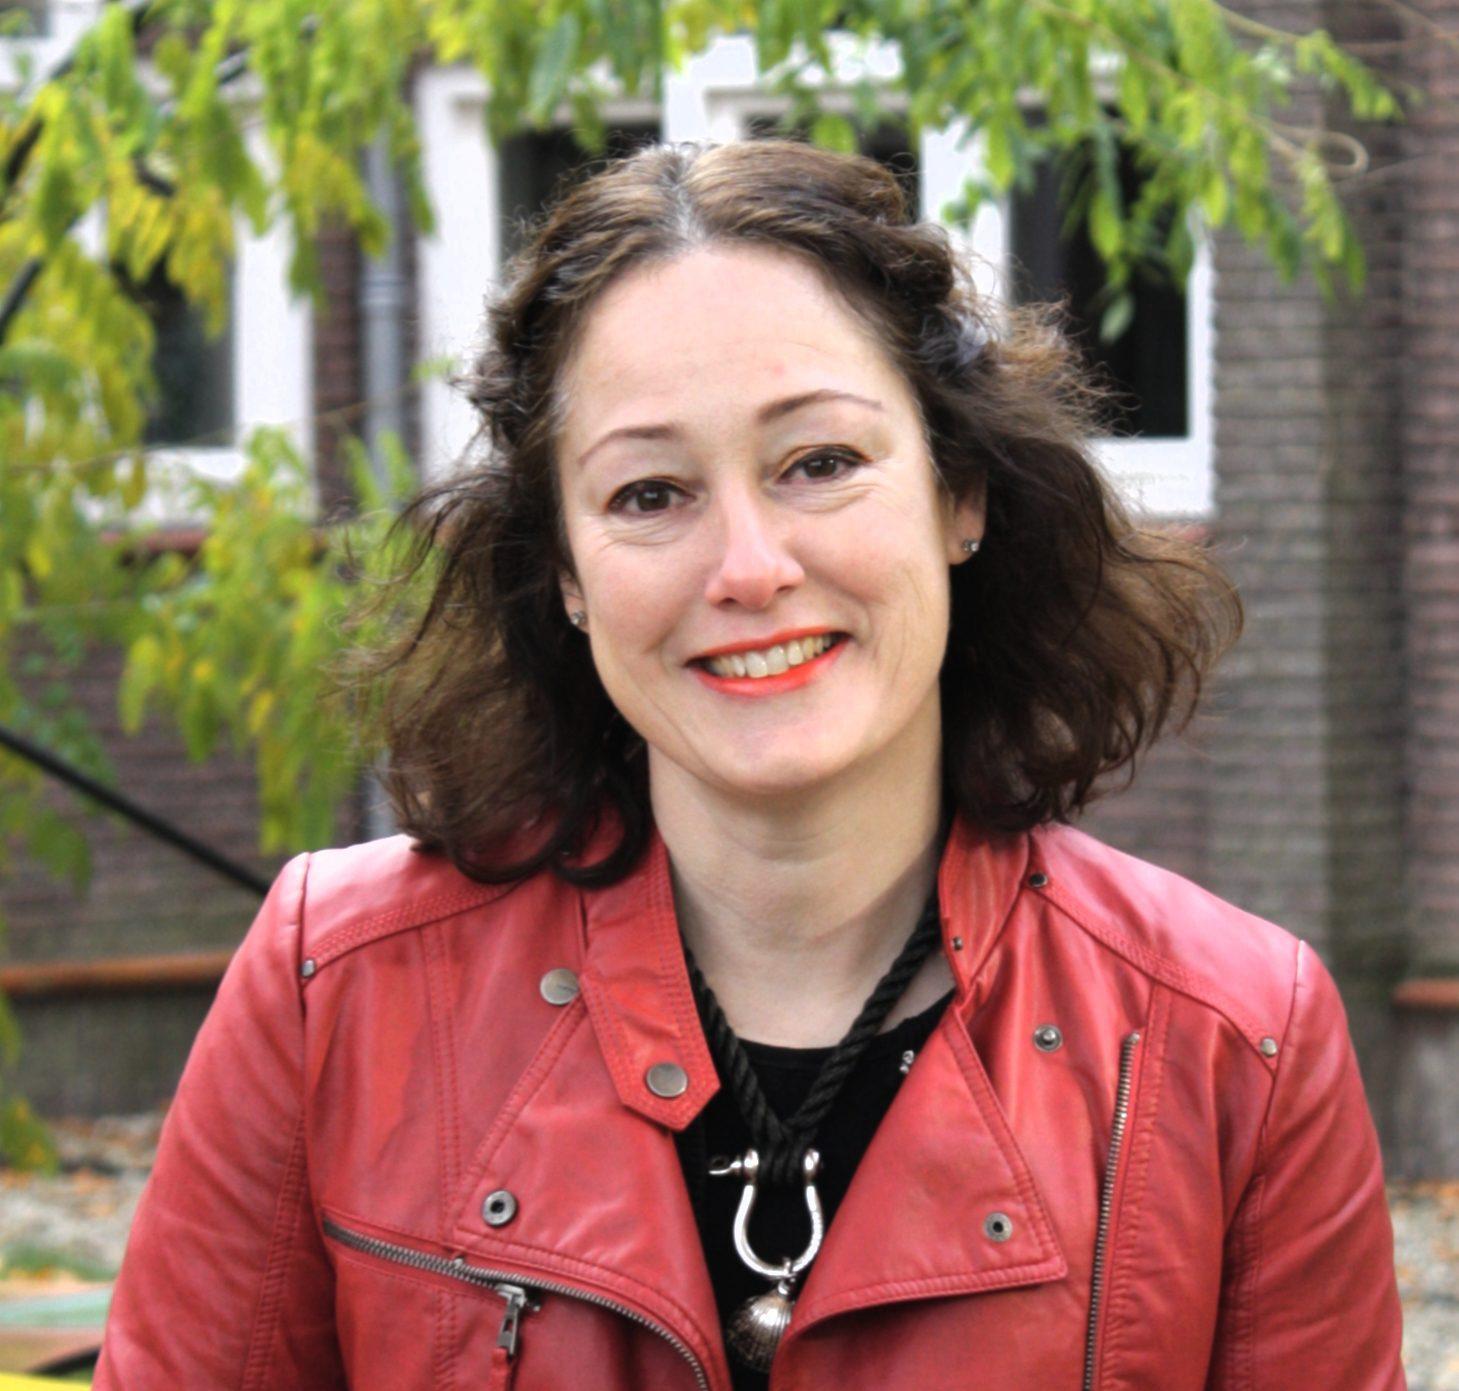 Sophie de Jong